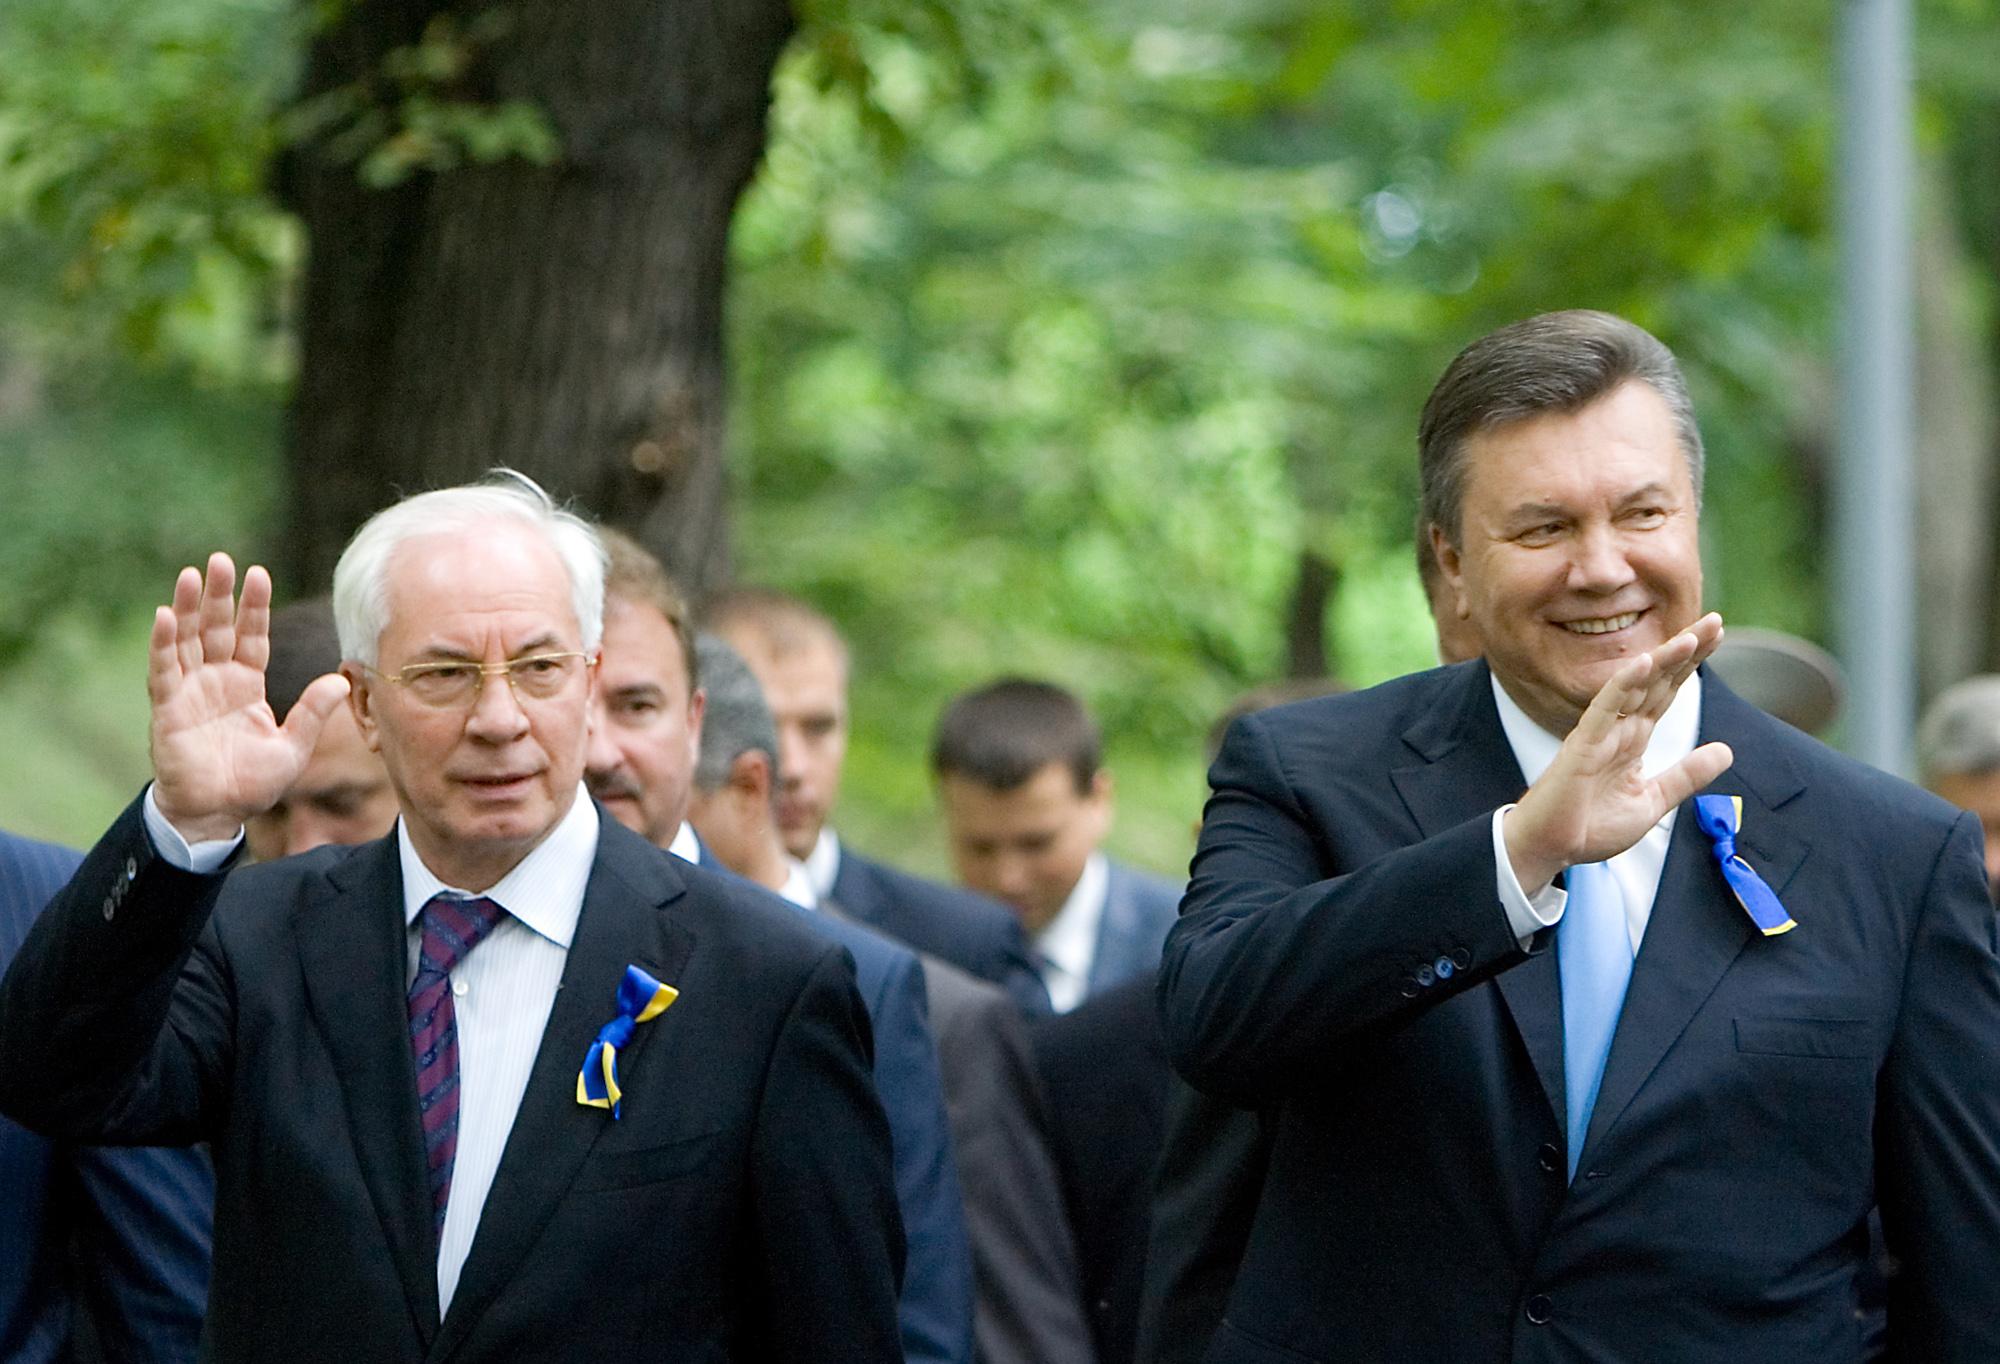 Бывший премьер-министр Украины Николай Азаров и экс-президент Украины Виктор Янукович